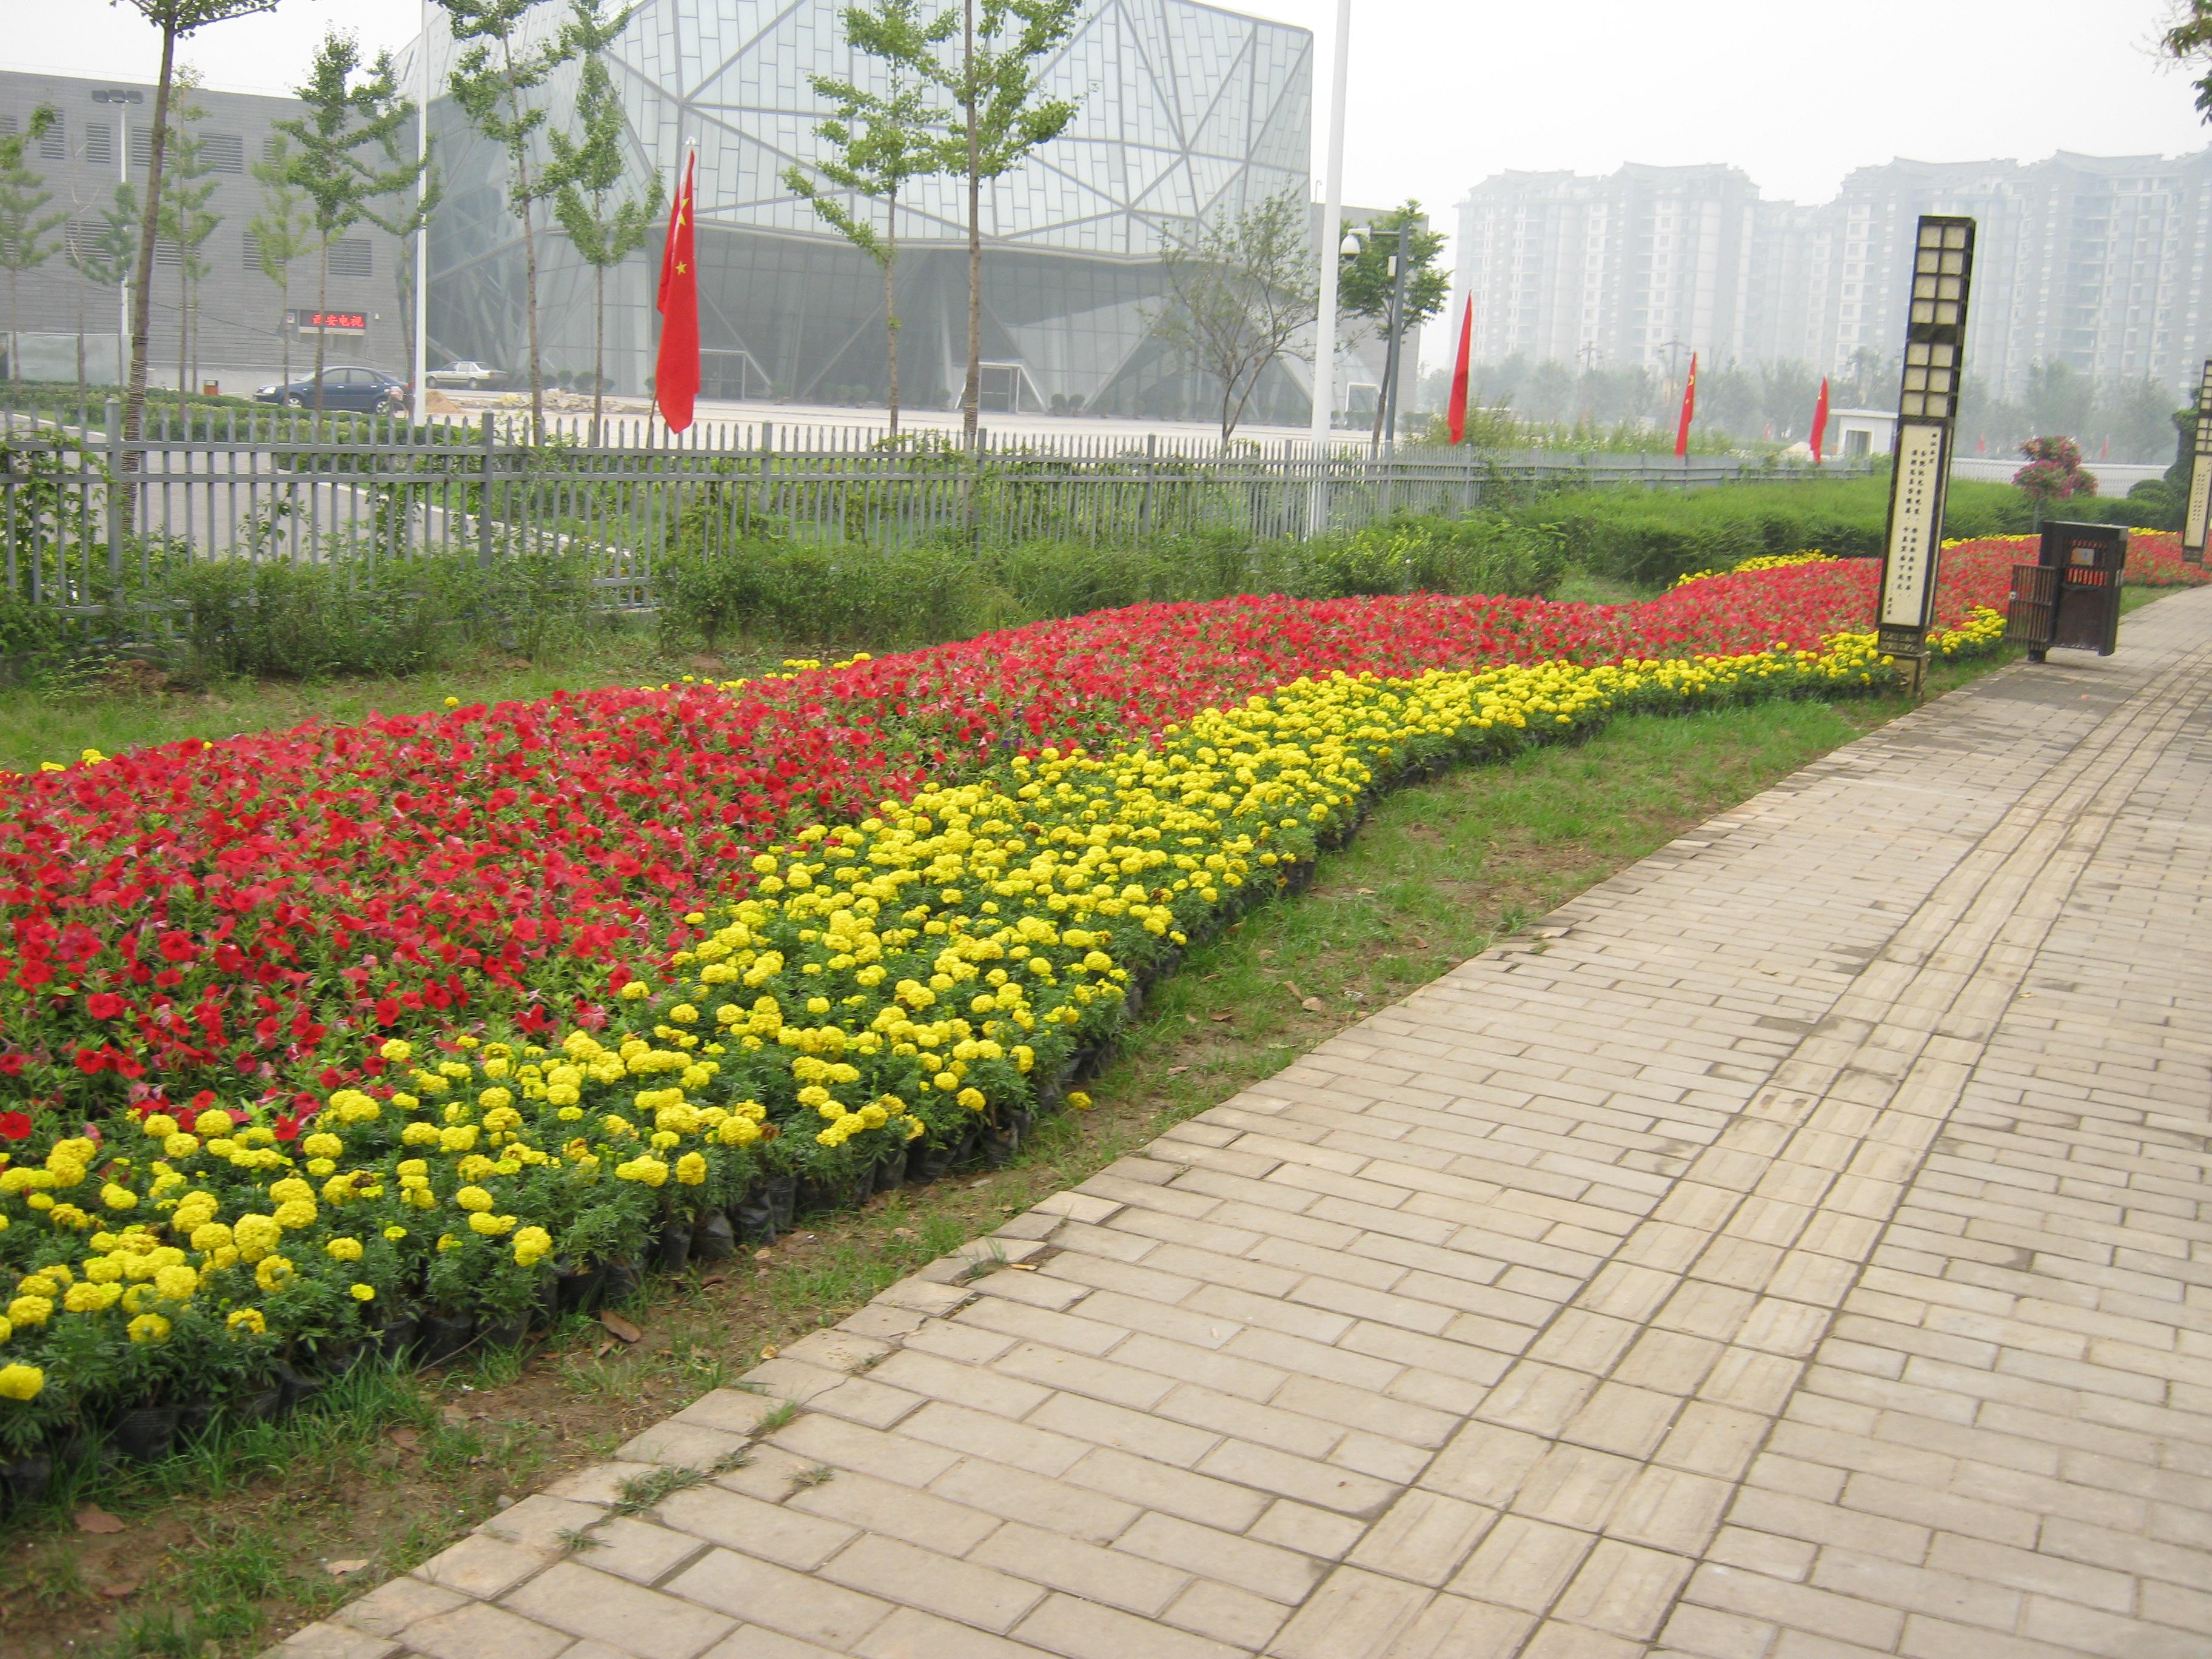 壁纸 成片种植 风景 植物 种植基地 桌面 3648_2736